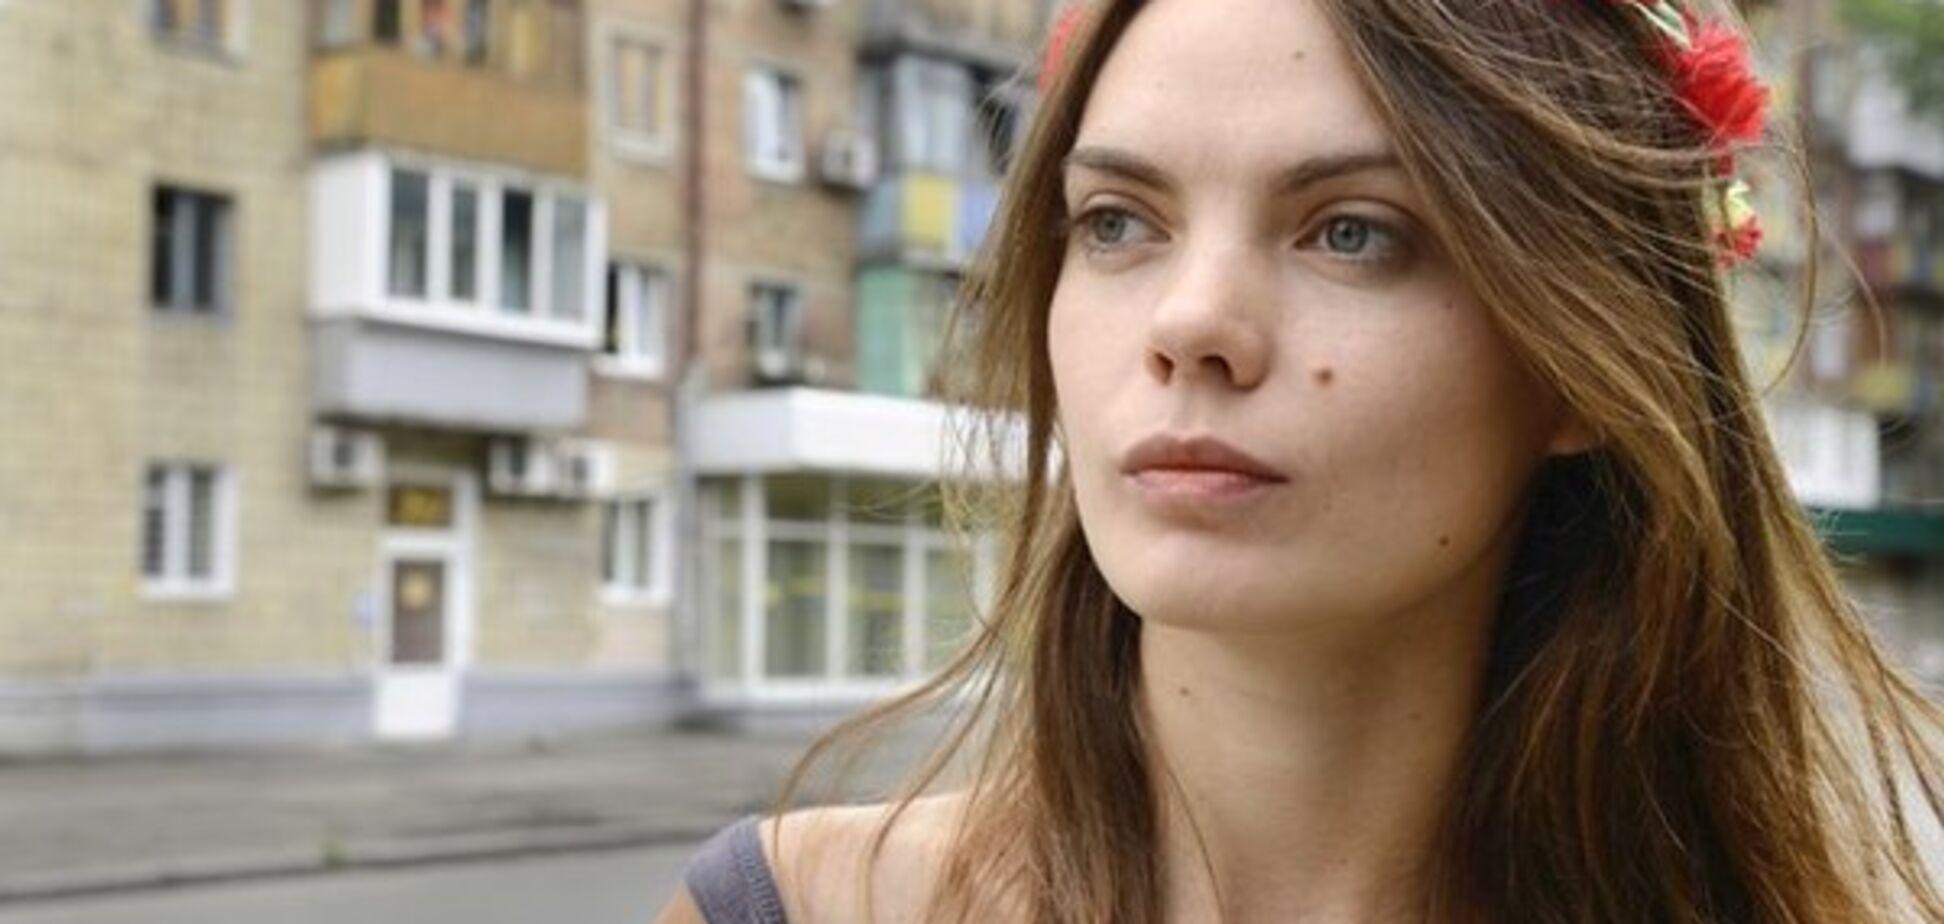 Тело нашли в шкафу: всплыли жуткие подробности смерти основательницы Femen